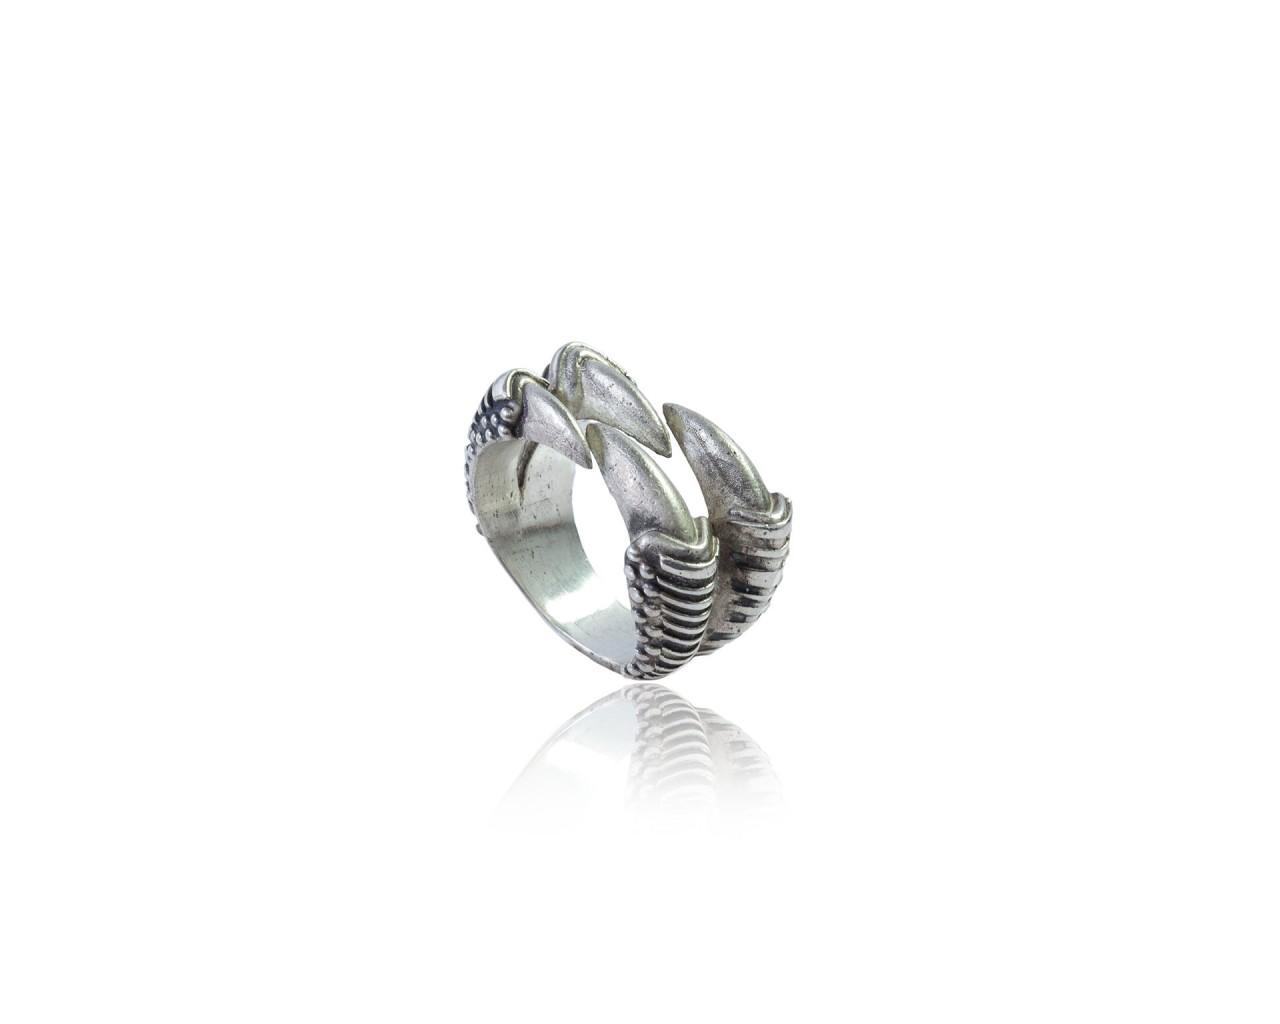 Anello in argento 925 con finitura brunita e lucidata